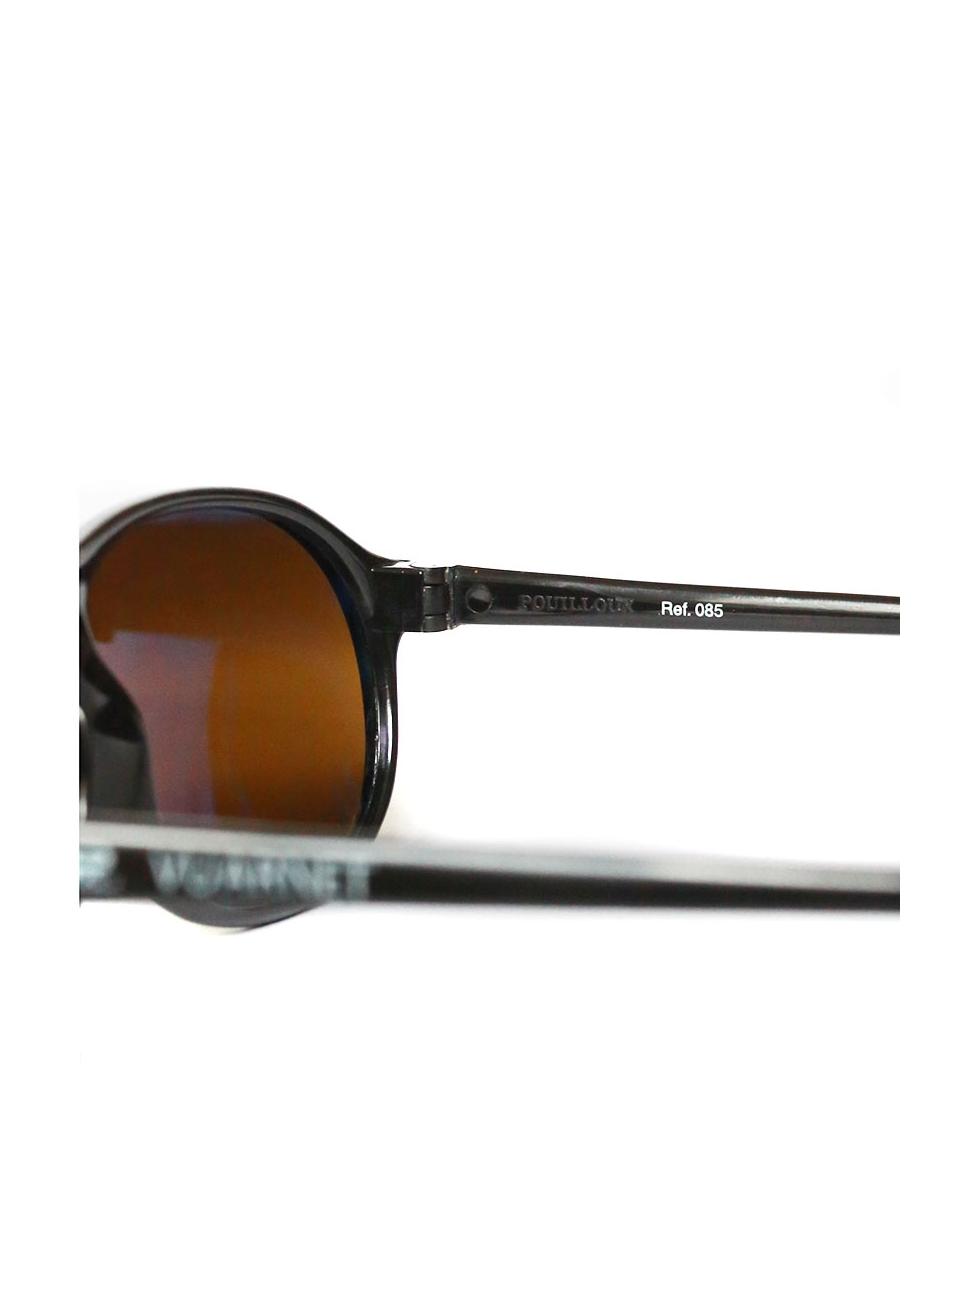 9376cedcac5d8d Lunettes de soleil vuarnet paris - sp-lunettes.fr